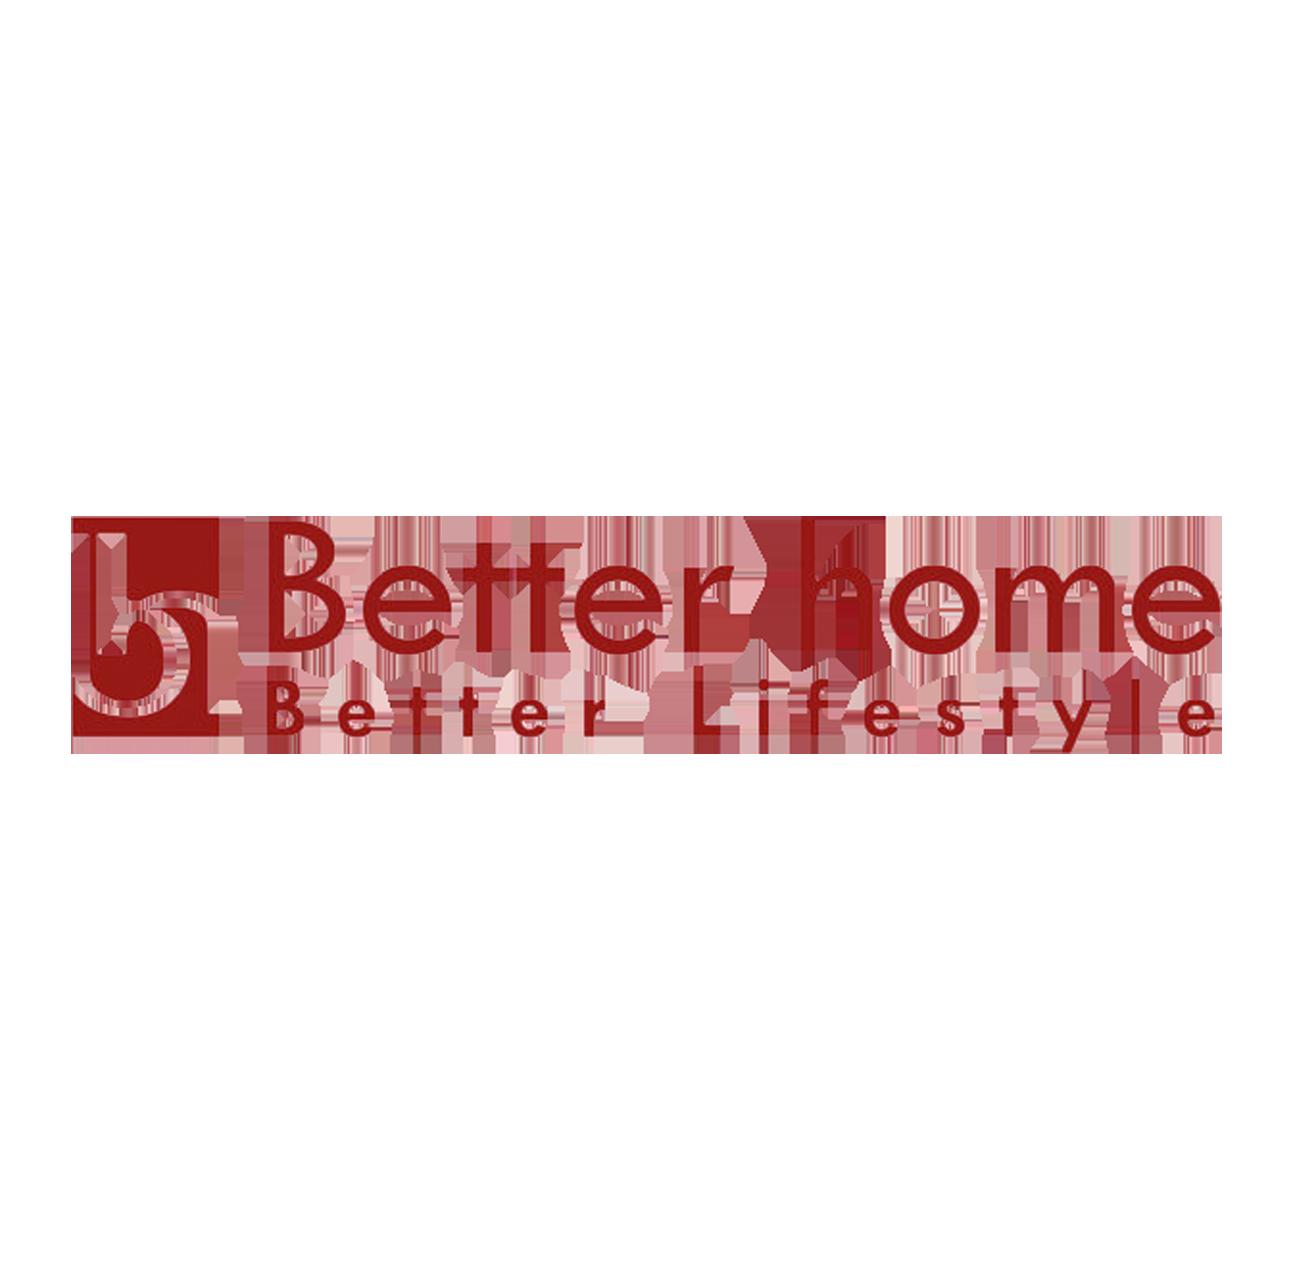 https://theaddress-eg.com/uploads/logo_45676138320.png